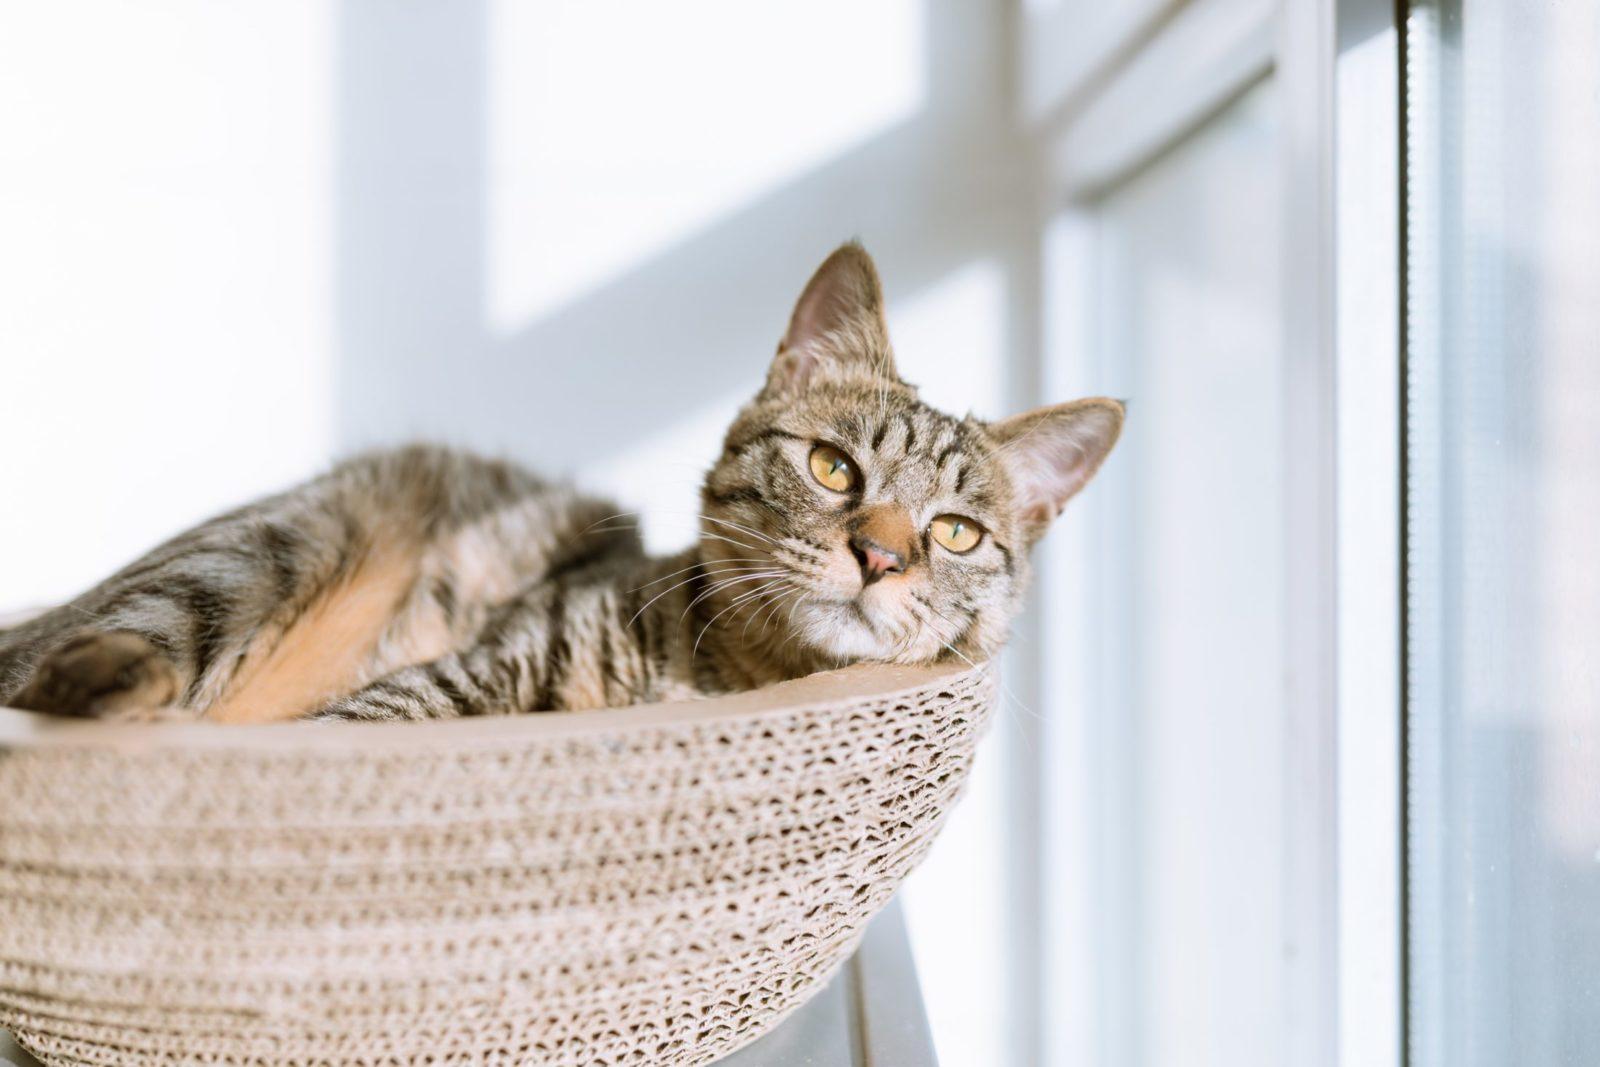 gato dentro de um cesto